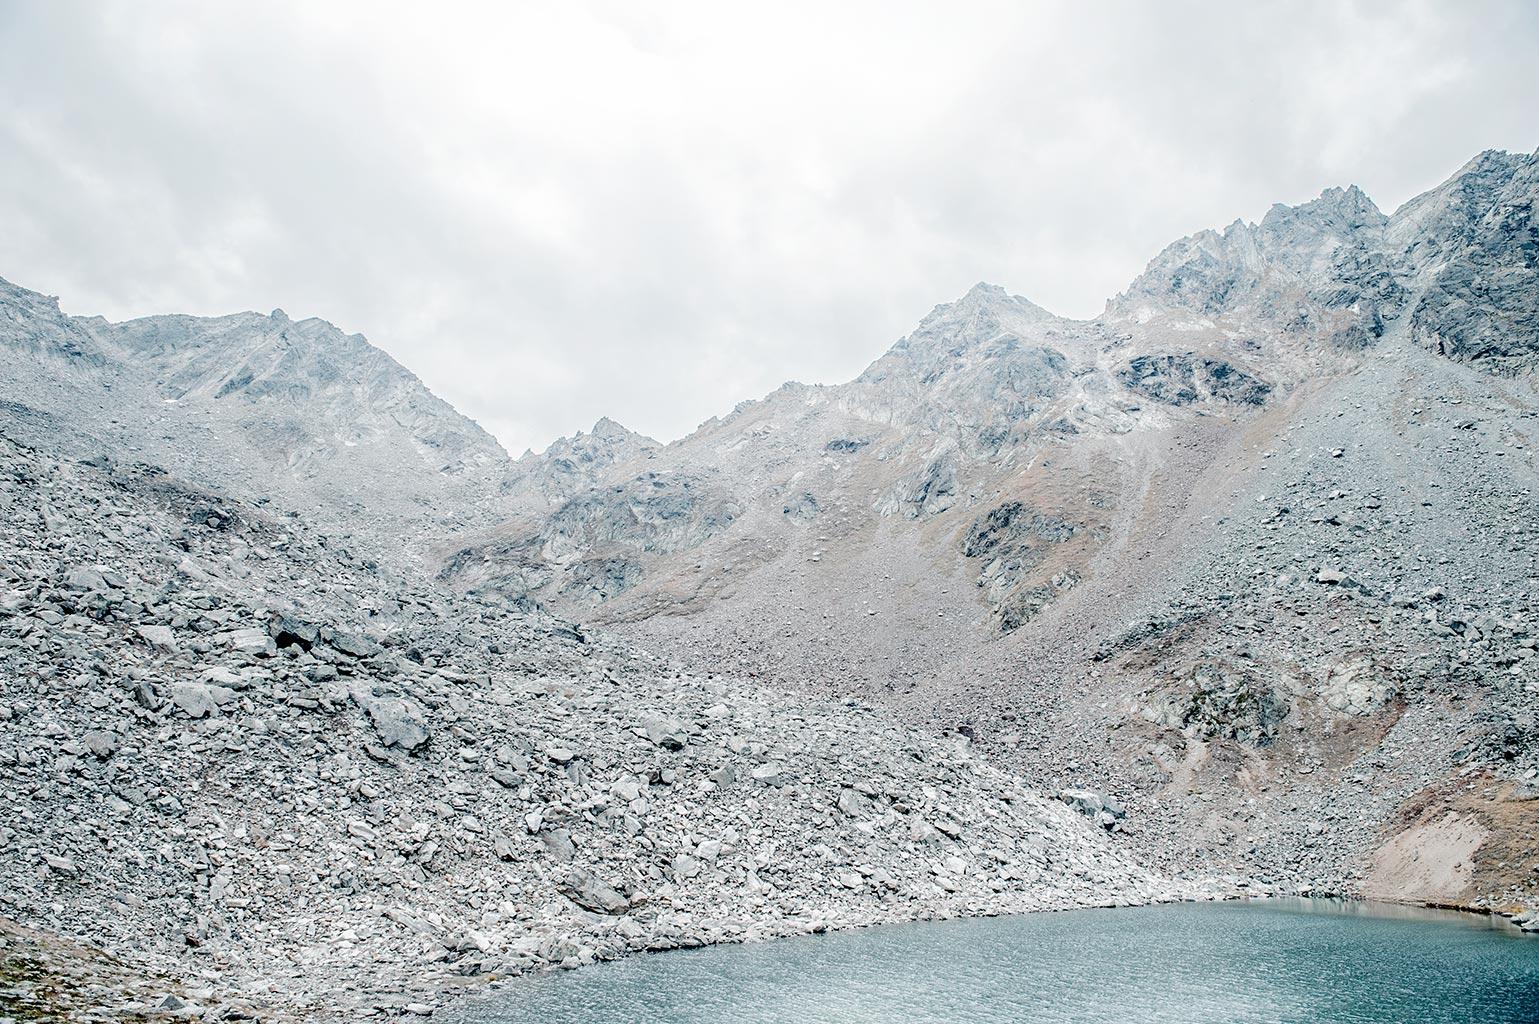 Landscape_blue_mountain_02_Harry_Koester_Landschaftsfotograf